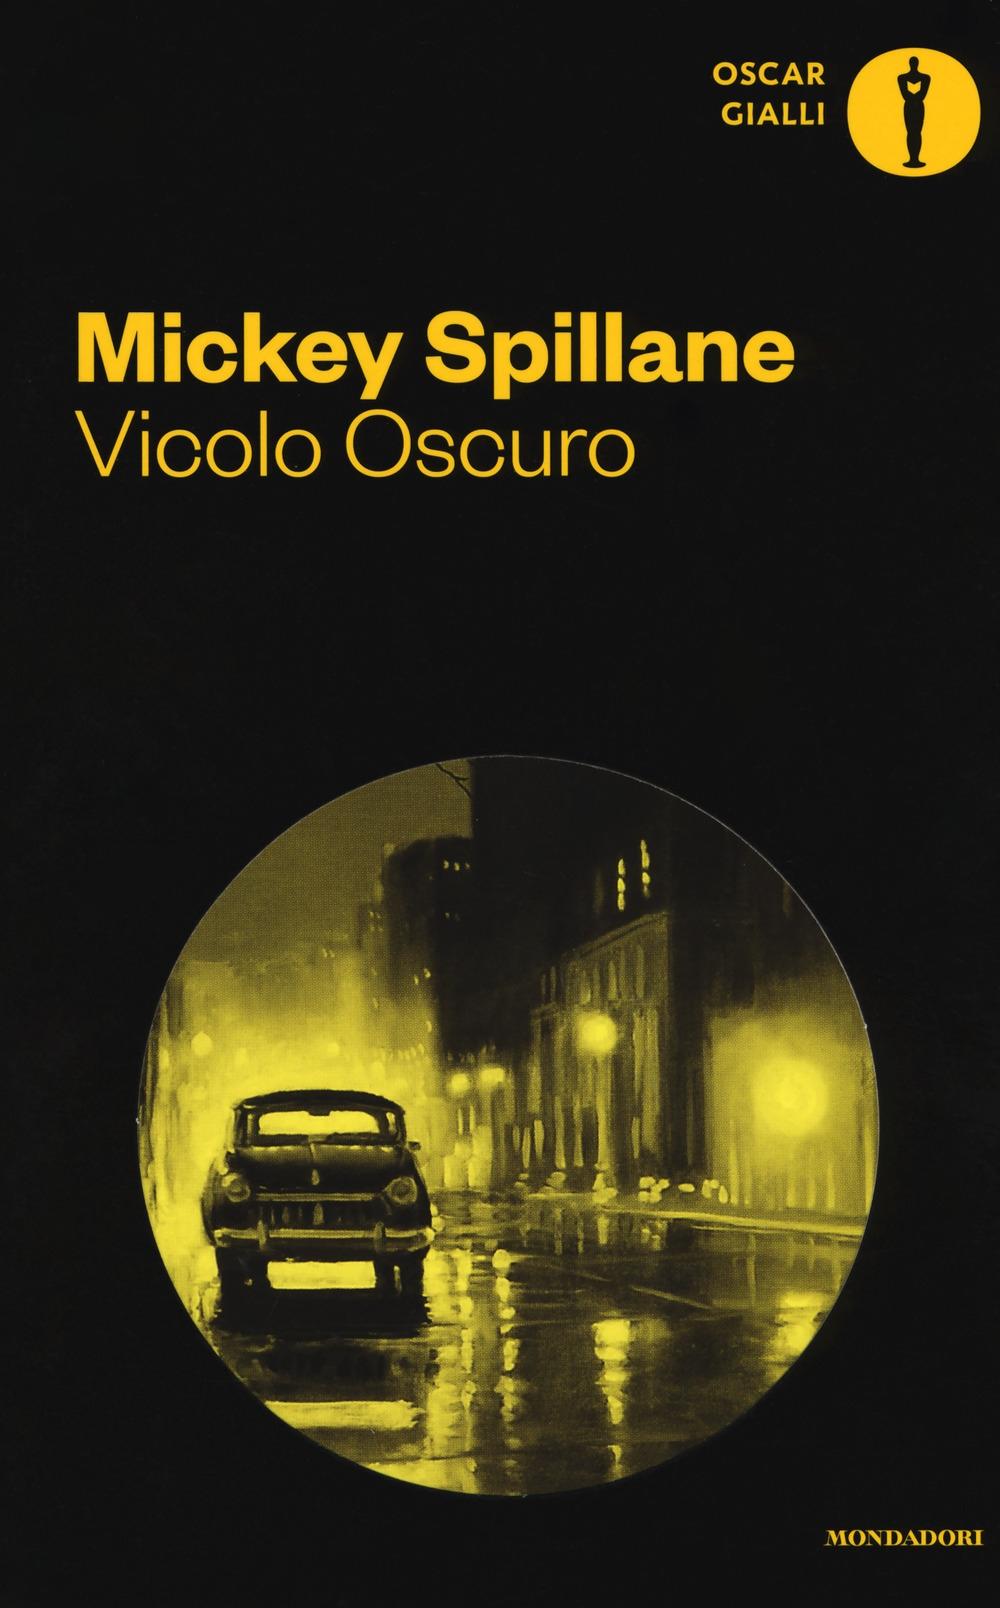 Vicolo-oscuro-Arnoldo-Mondadori-Editore